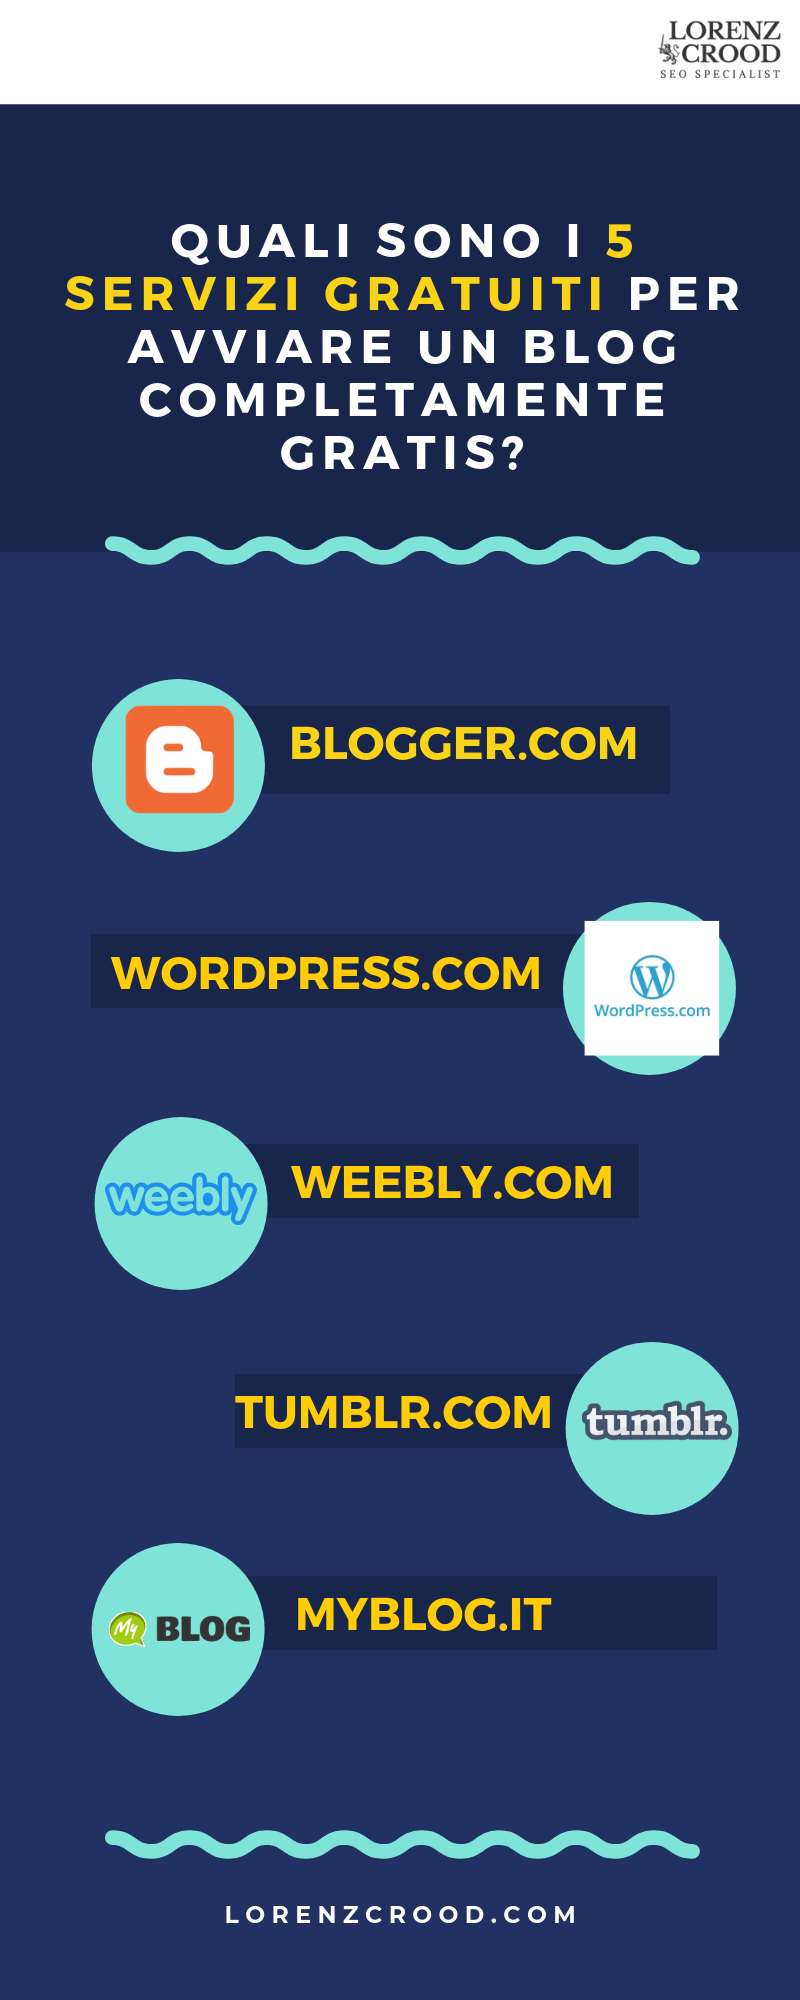 infografica sui servizi per creare un blog gratis